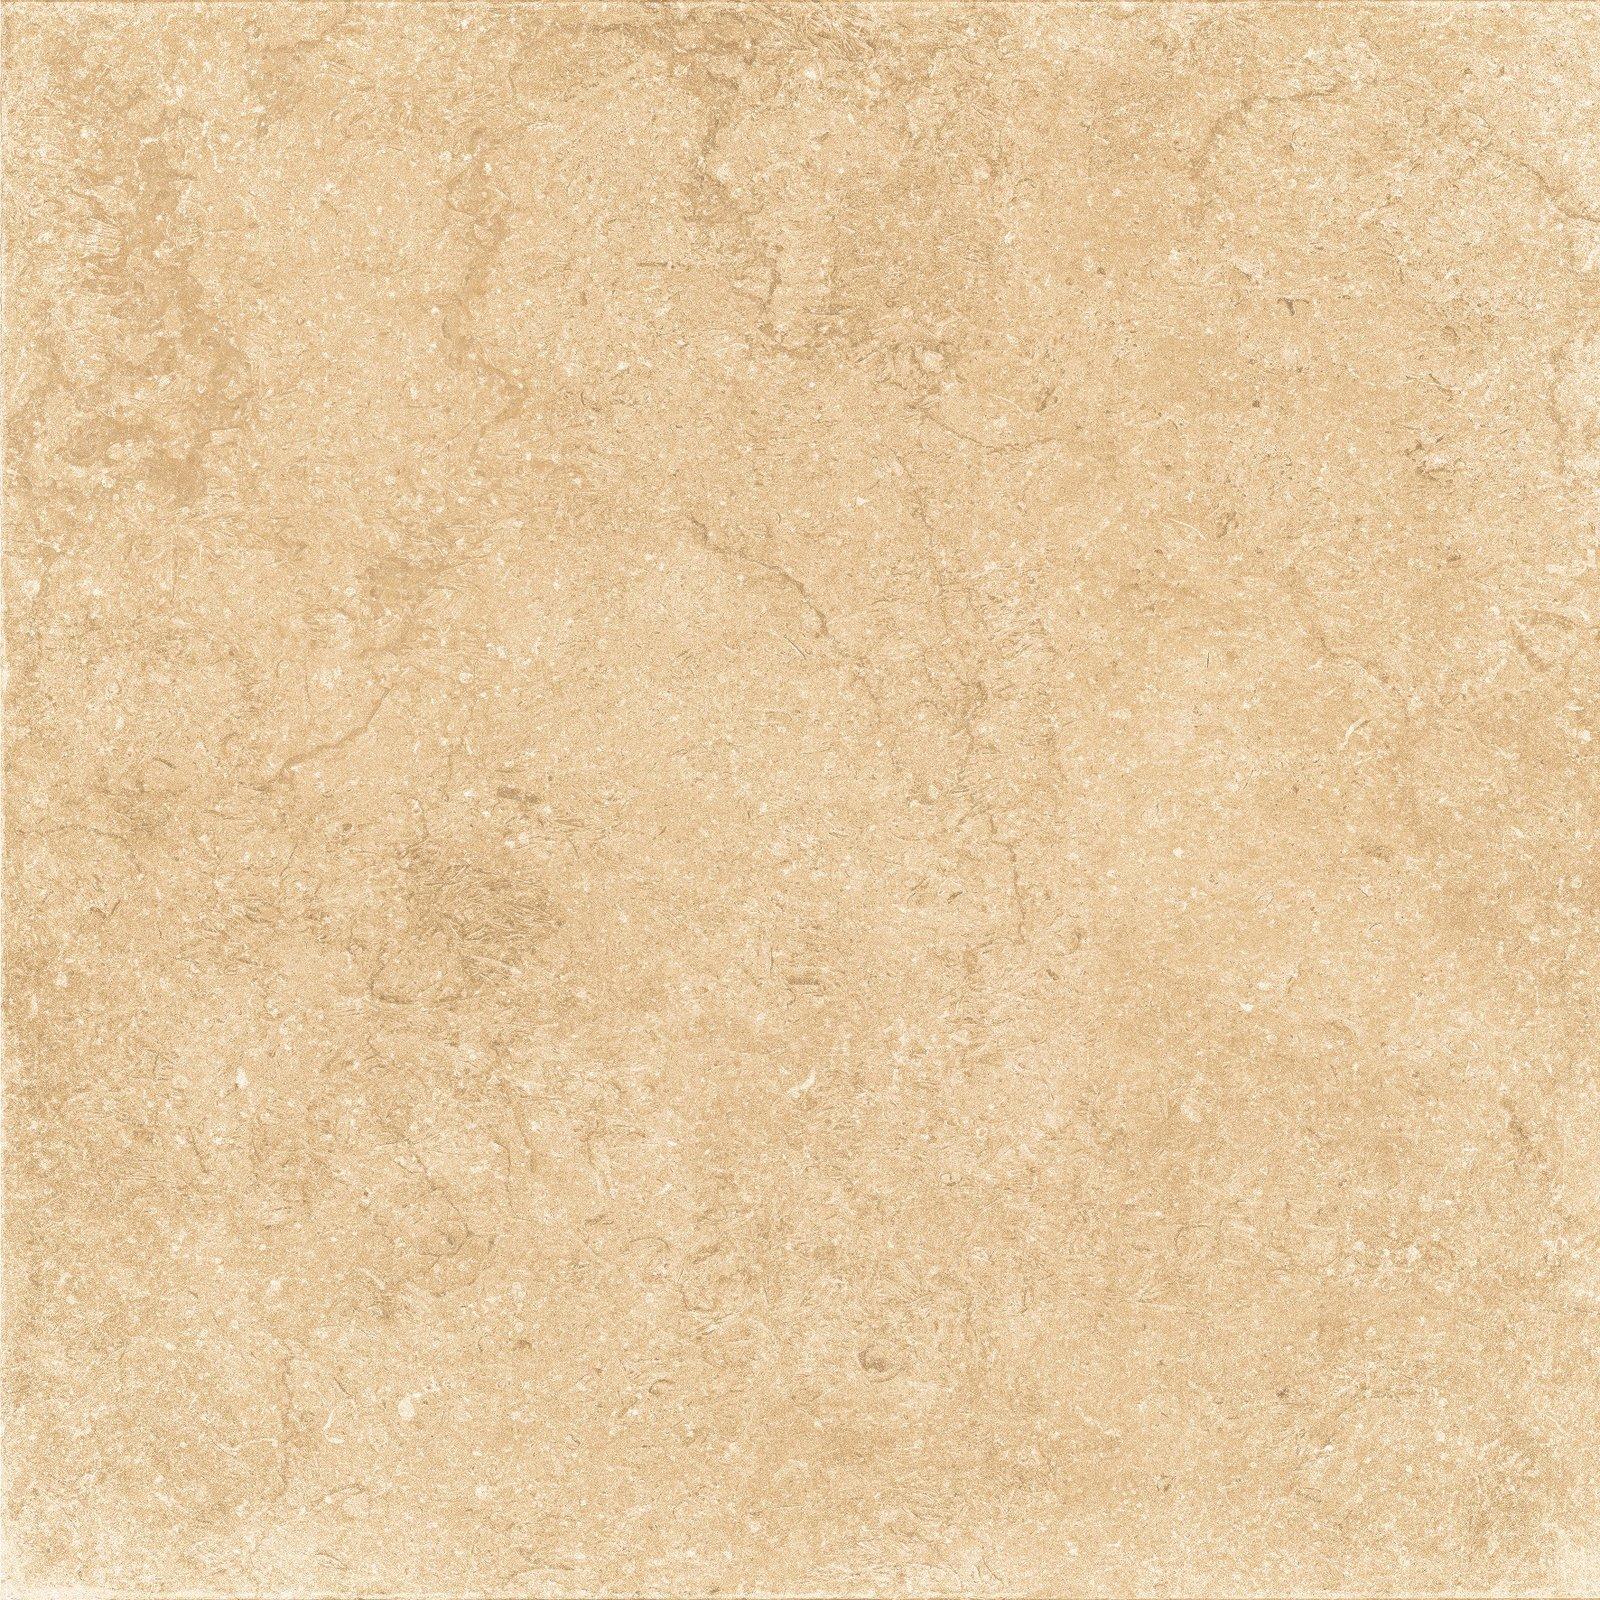 Плитка GOLD (X60NF3R) изображение 3